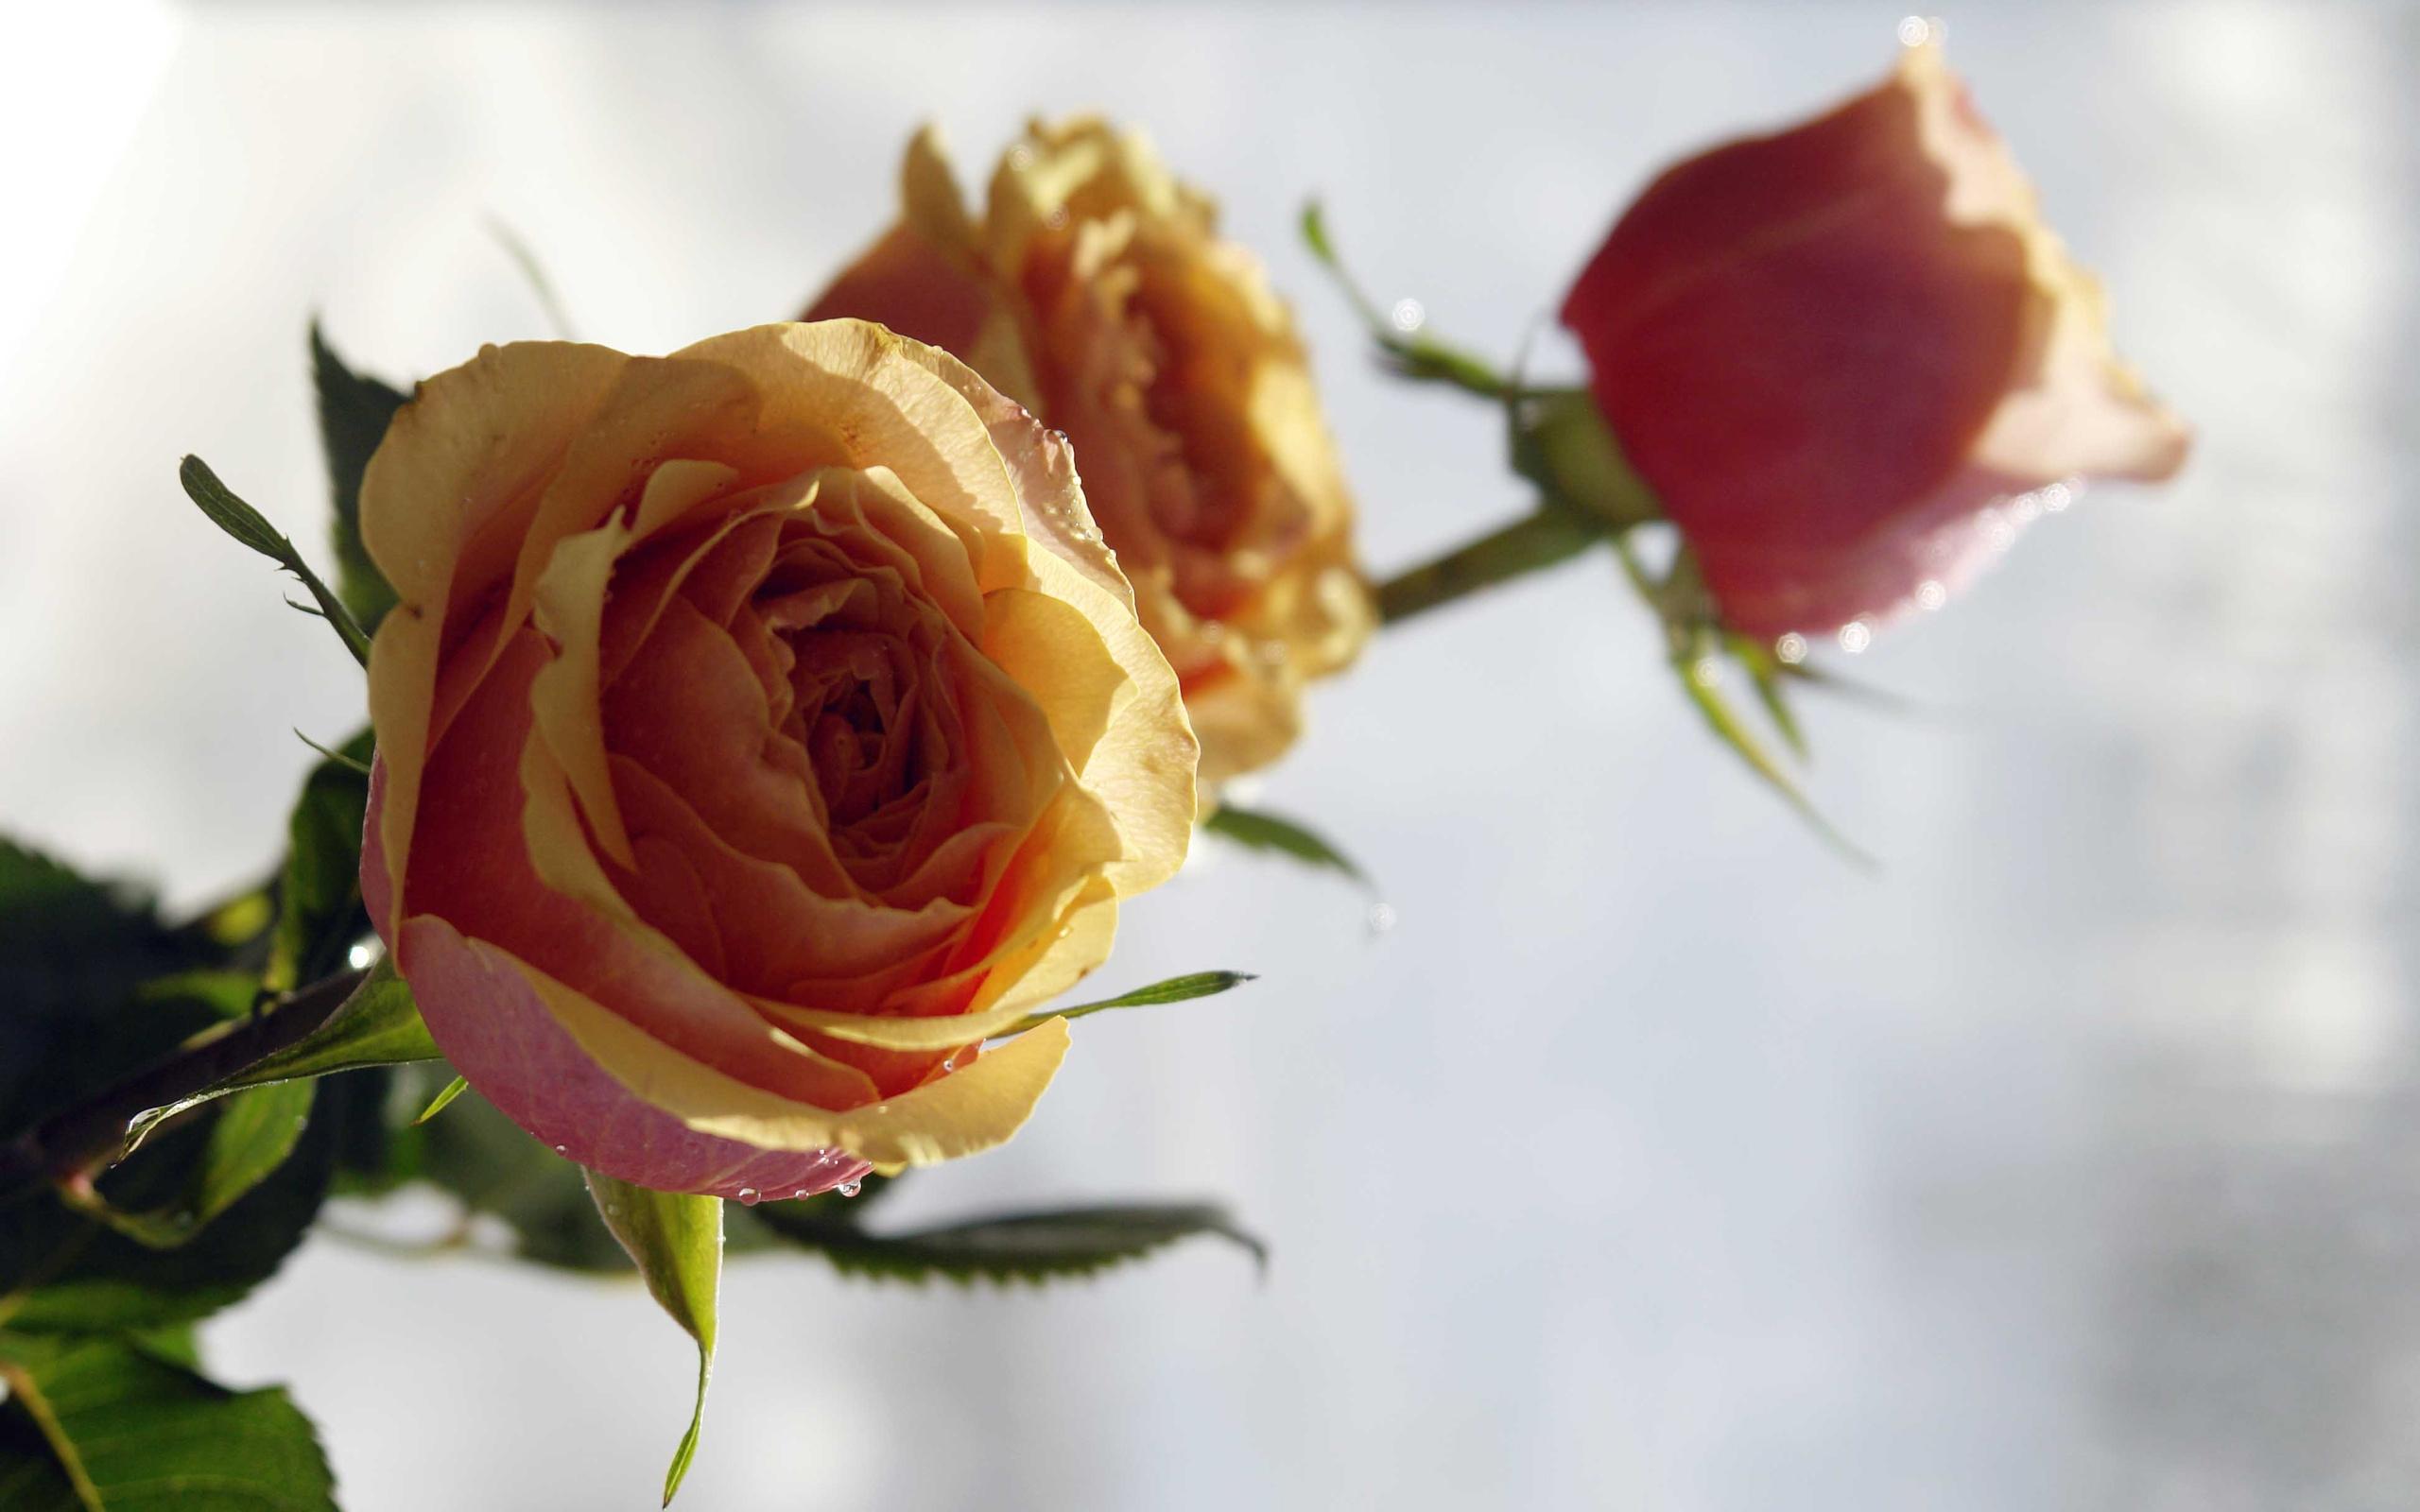 Розы на фото лучшие картинки красивых цветов роз